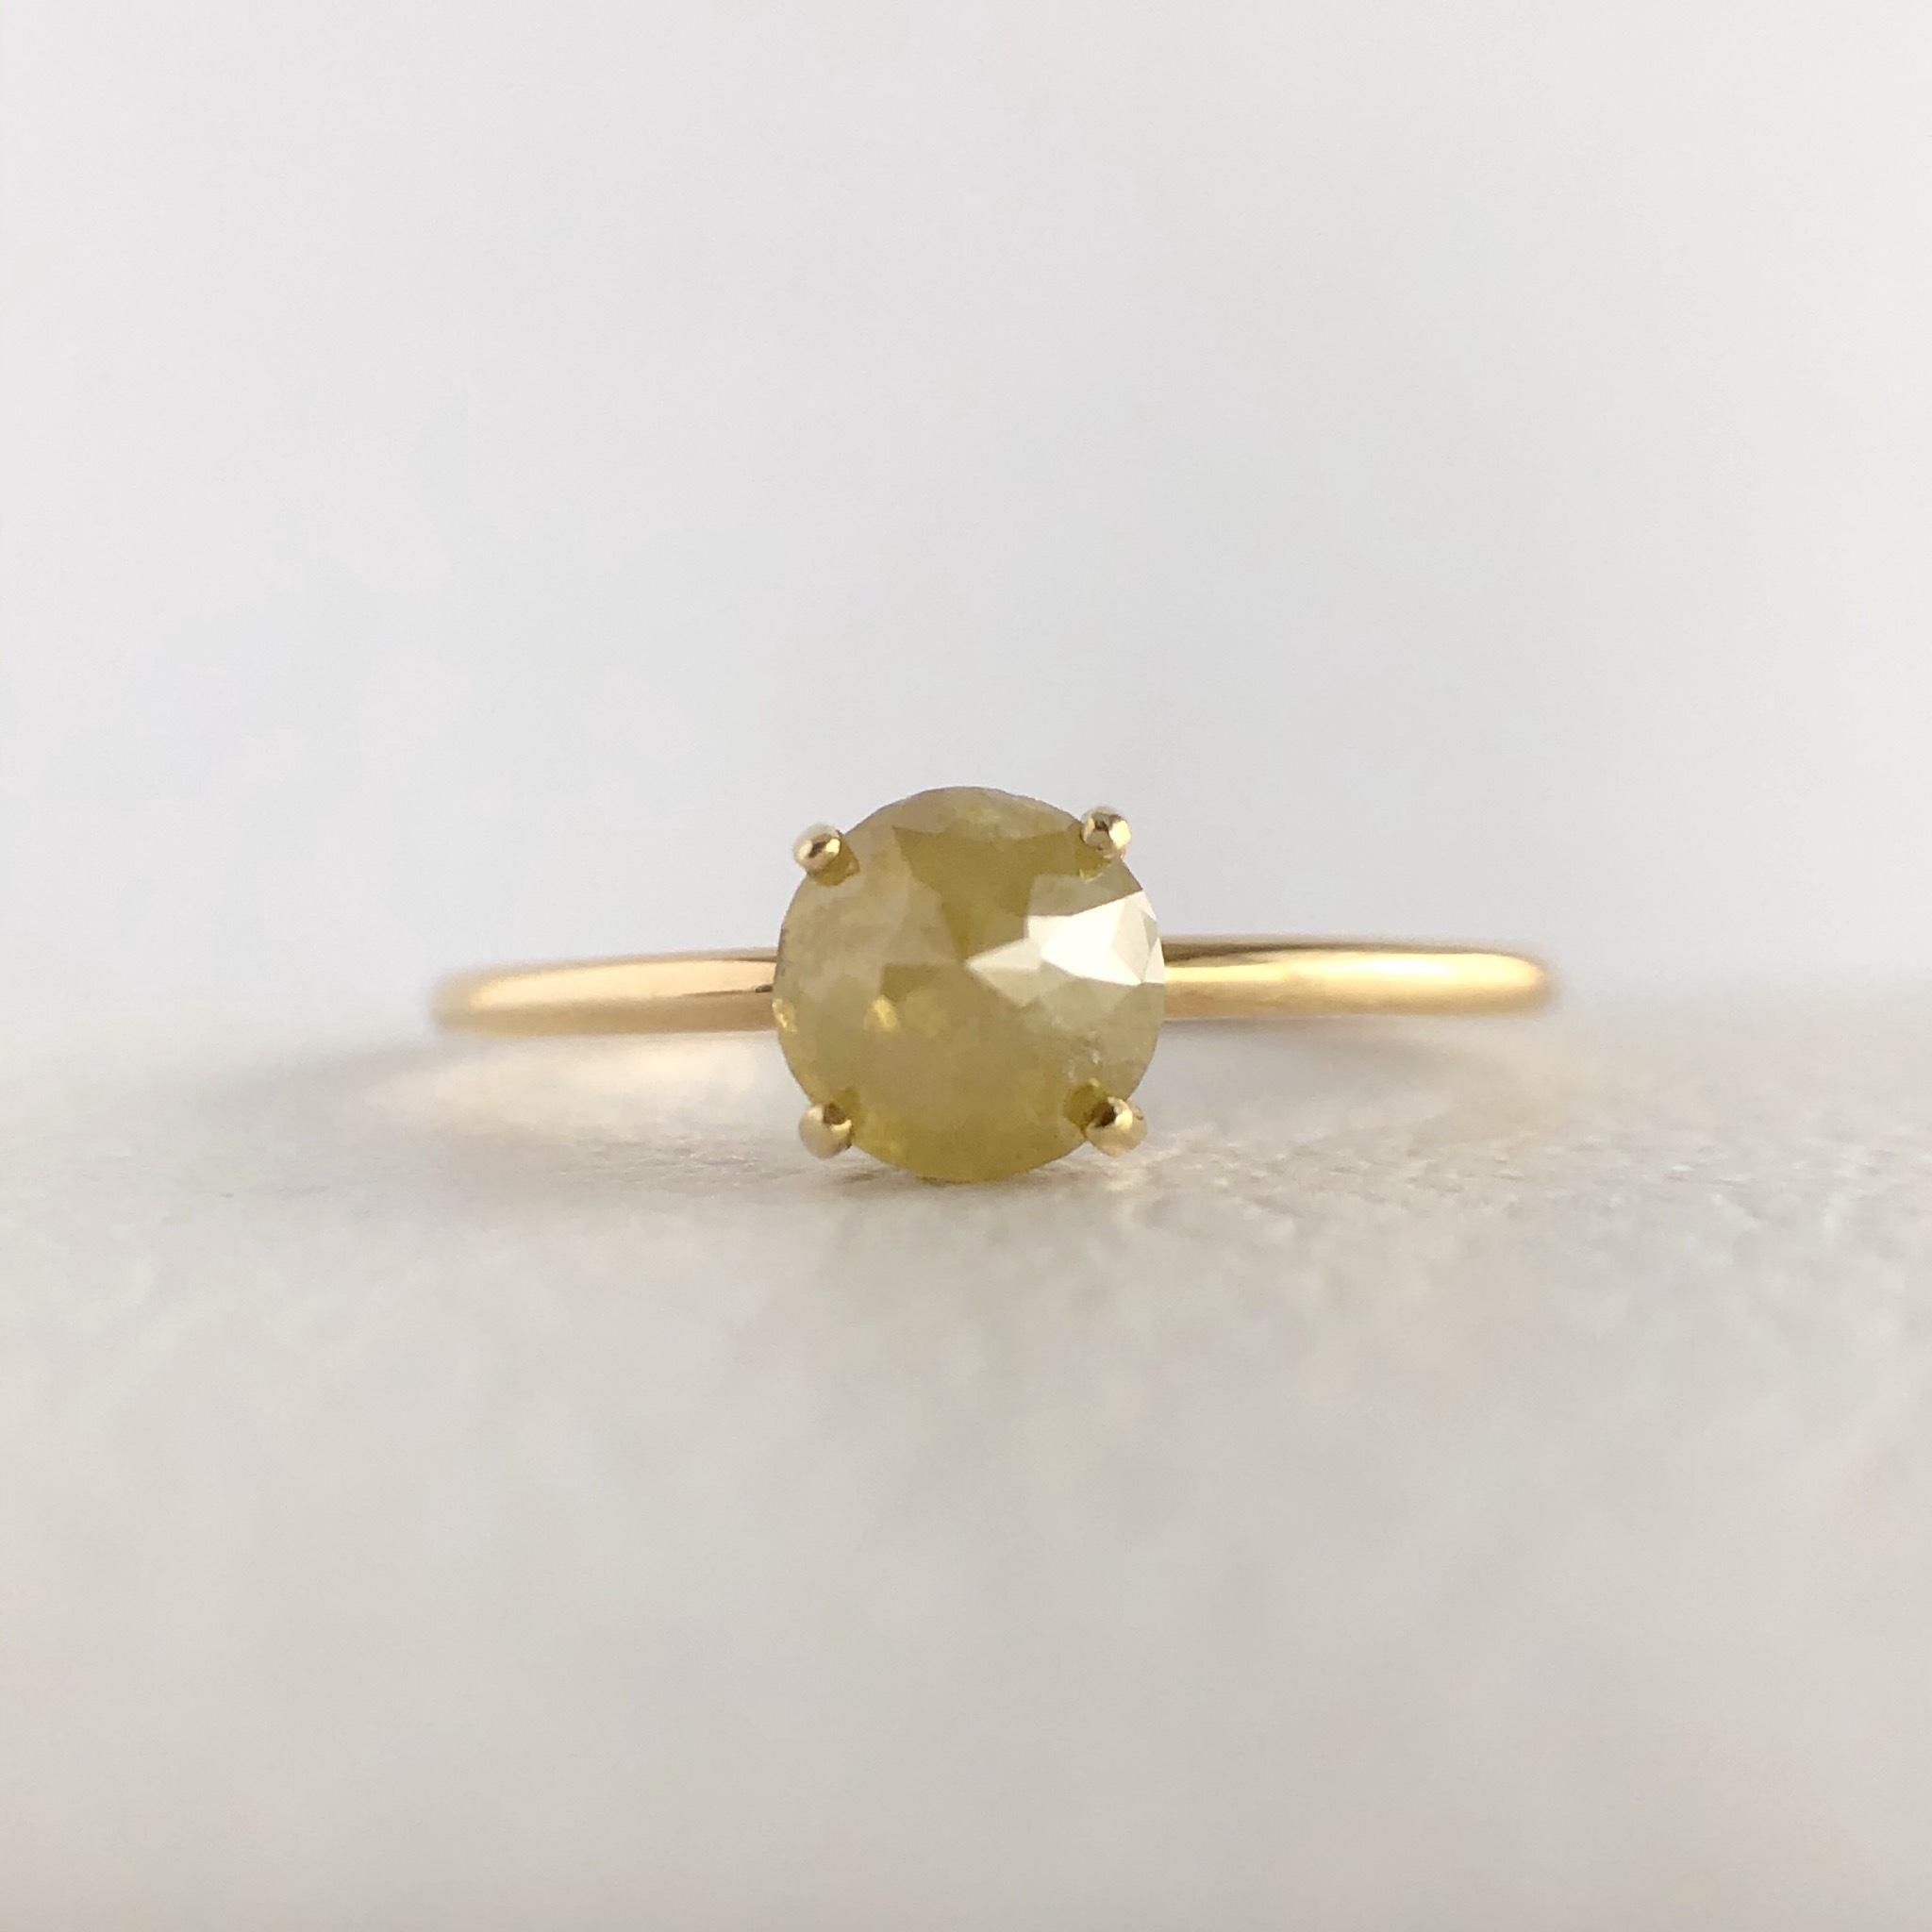 ナチュラルダイヤモンド リング 0.65ct K18イエローゴールド チェカ 鑑別書付